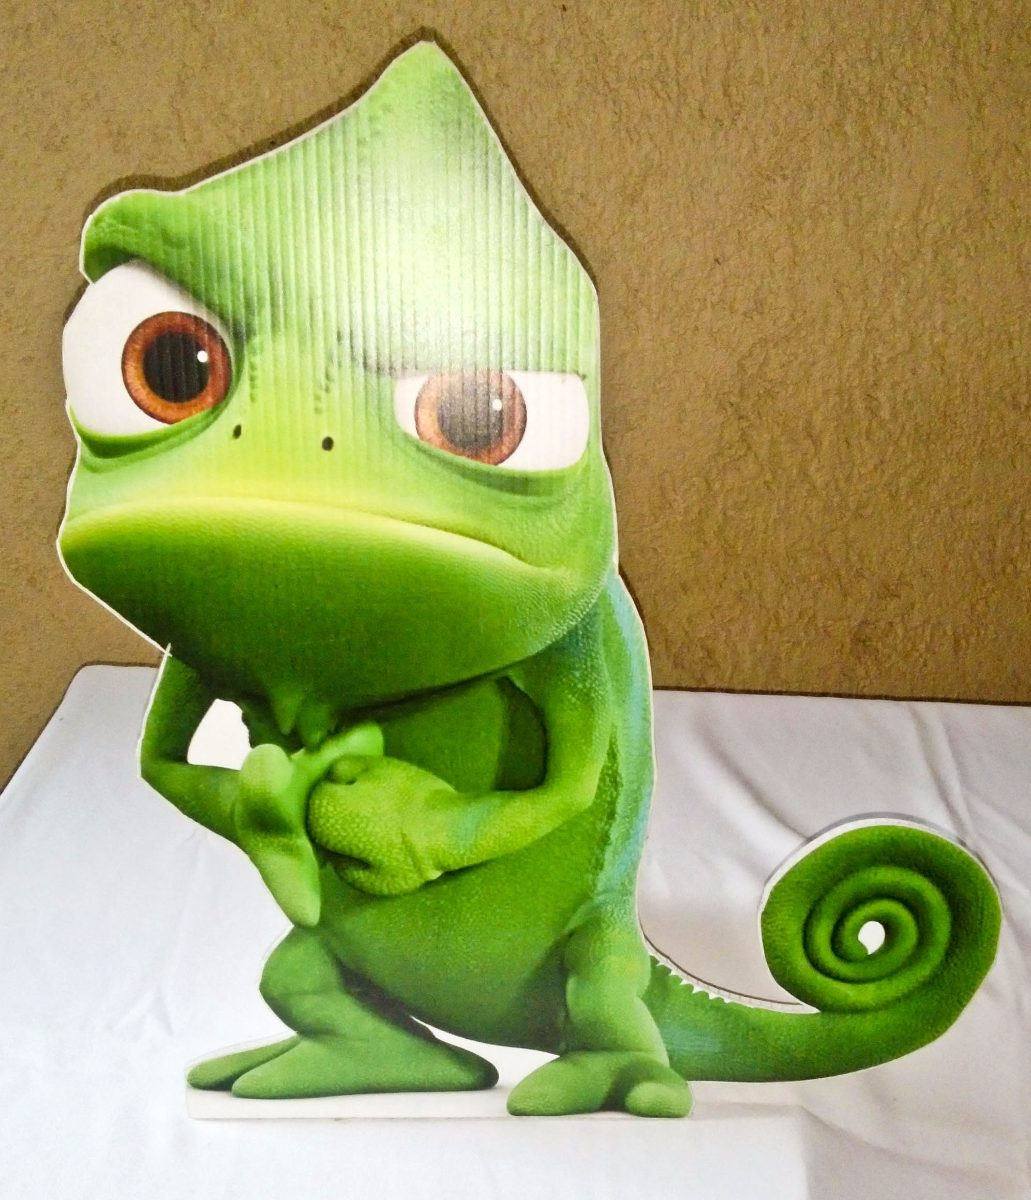 Infantil Iguana Dibujo Coroplas 5900 En Mercado Libre